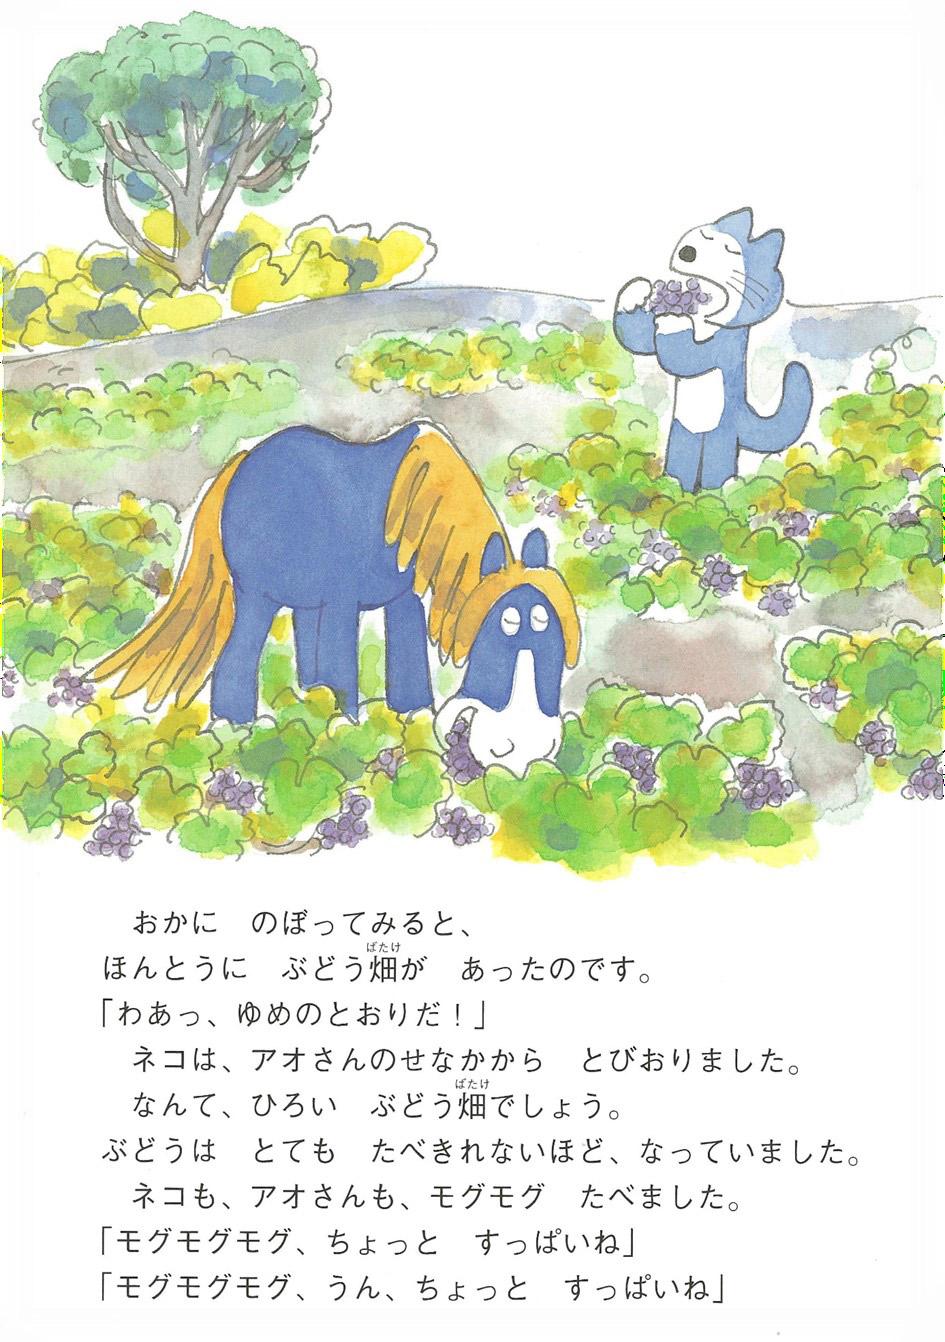 ラベルは三戸町出身の漫画家・絵本作家、故馬場のぼる氏のイラスト